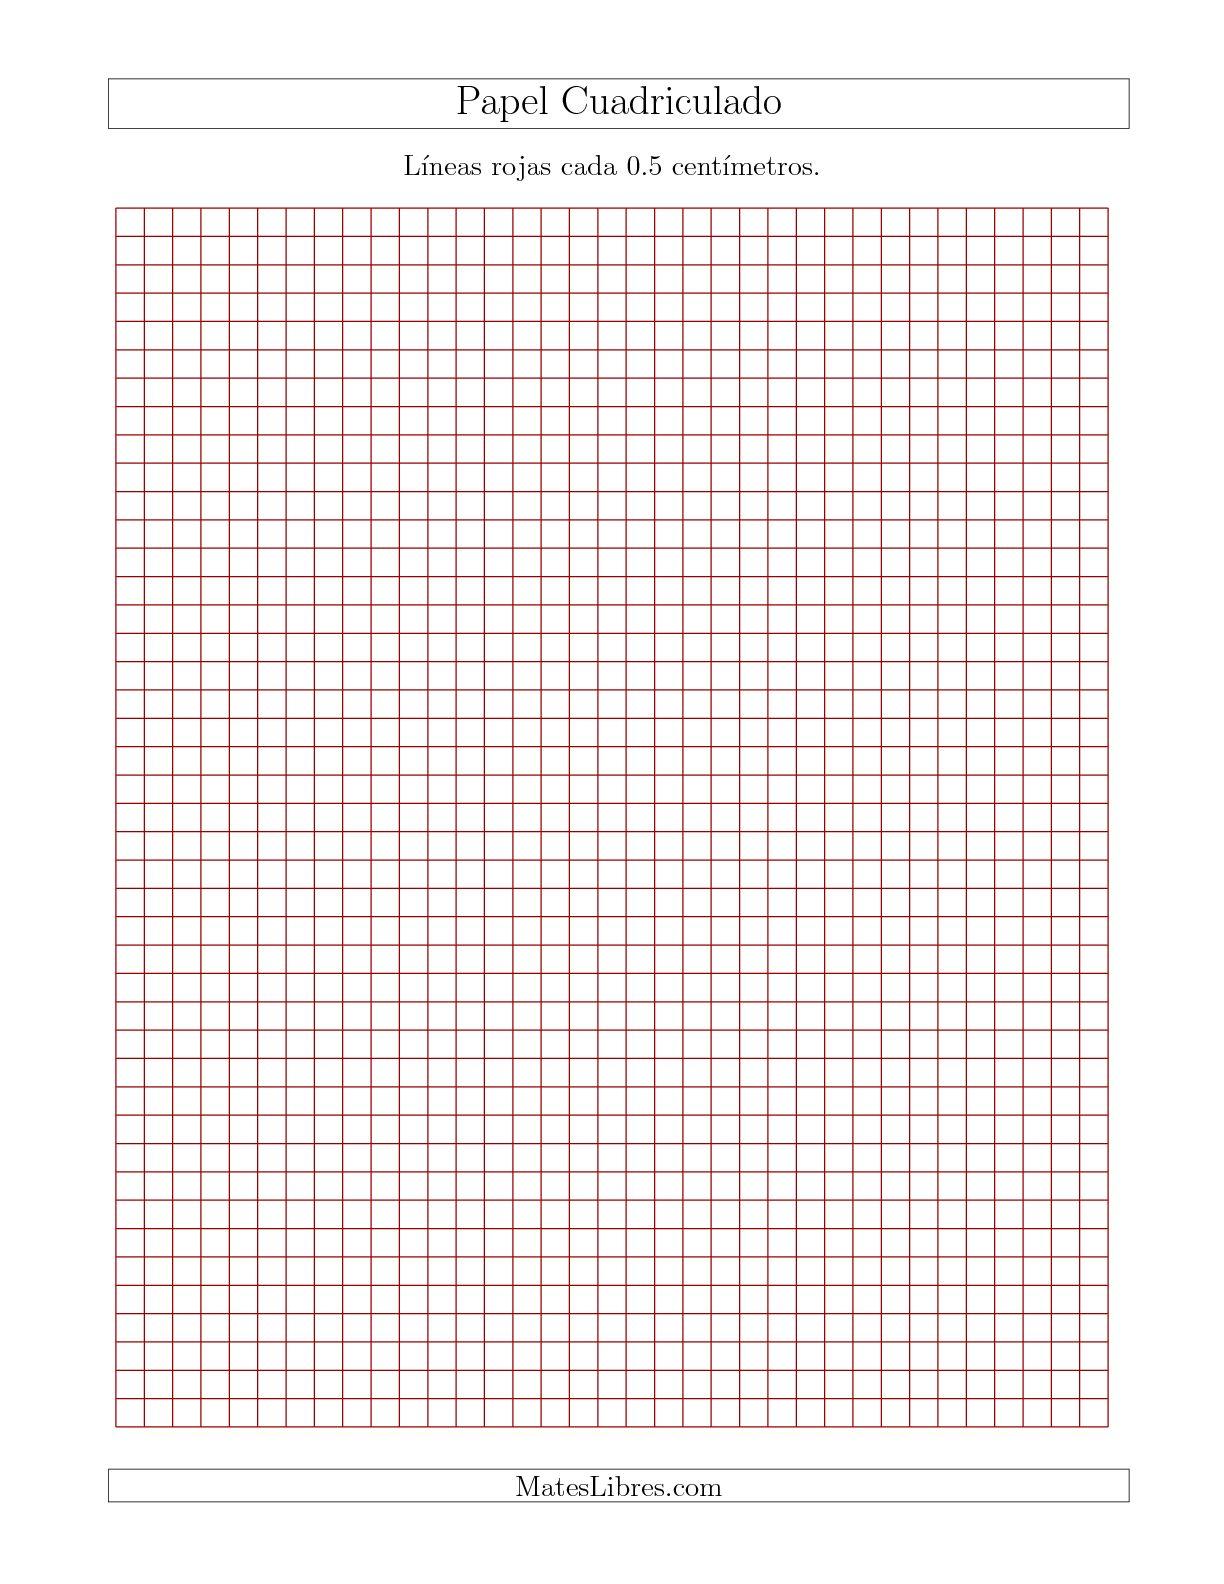 La Papel Cuadriculado de Líneas Rojas cada 0.5cm, Tamaño de Papel Carta Hojas de Papel Cuadriculado